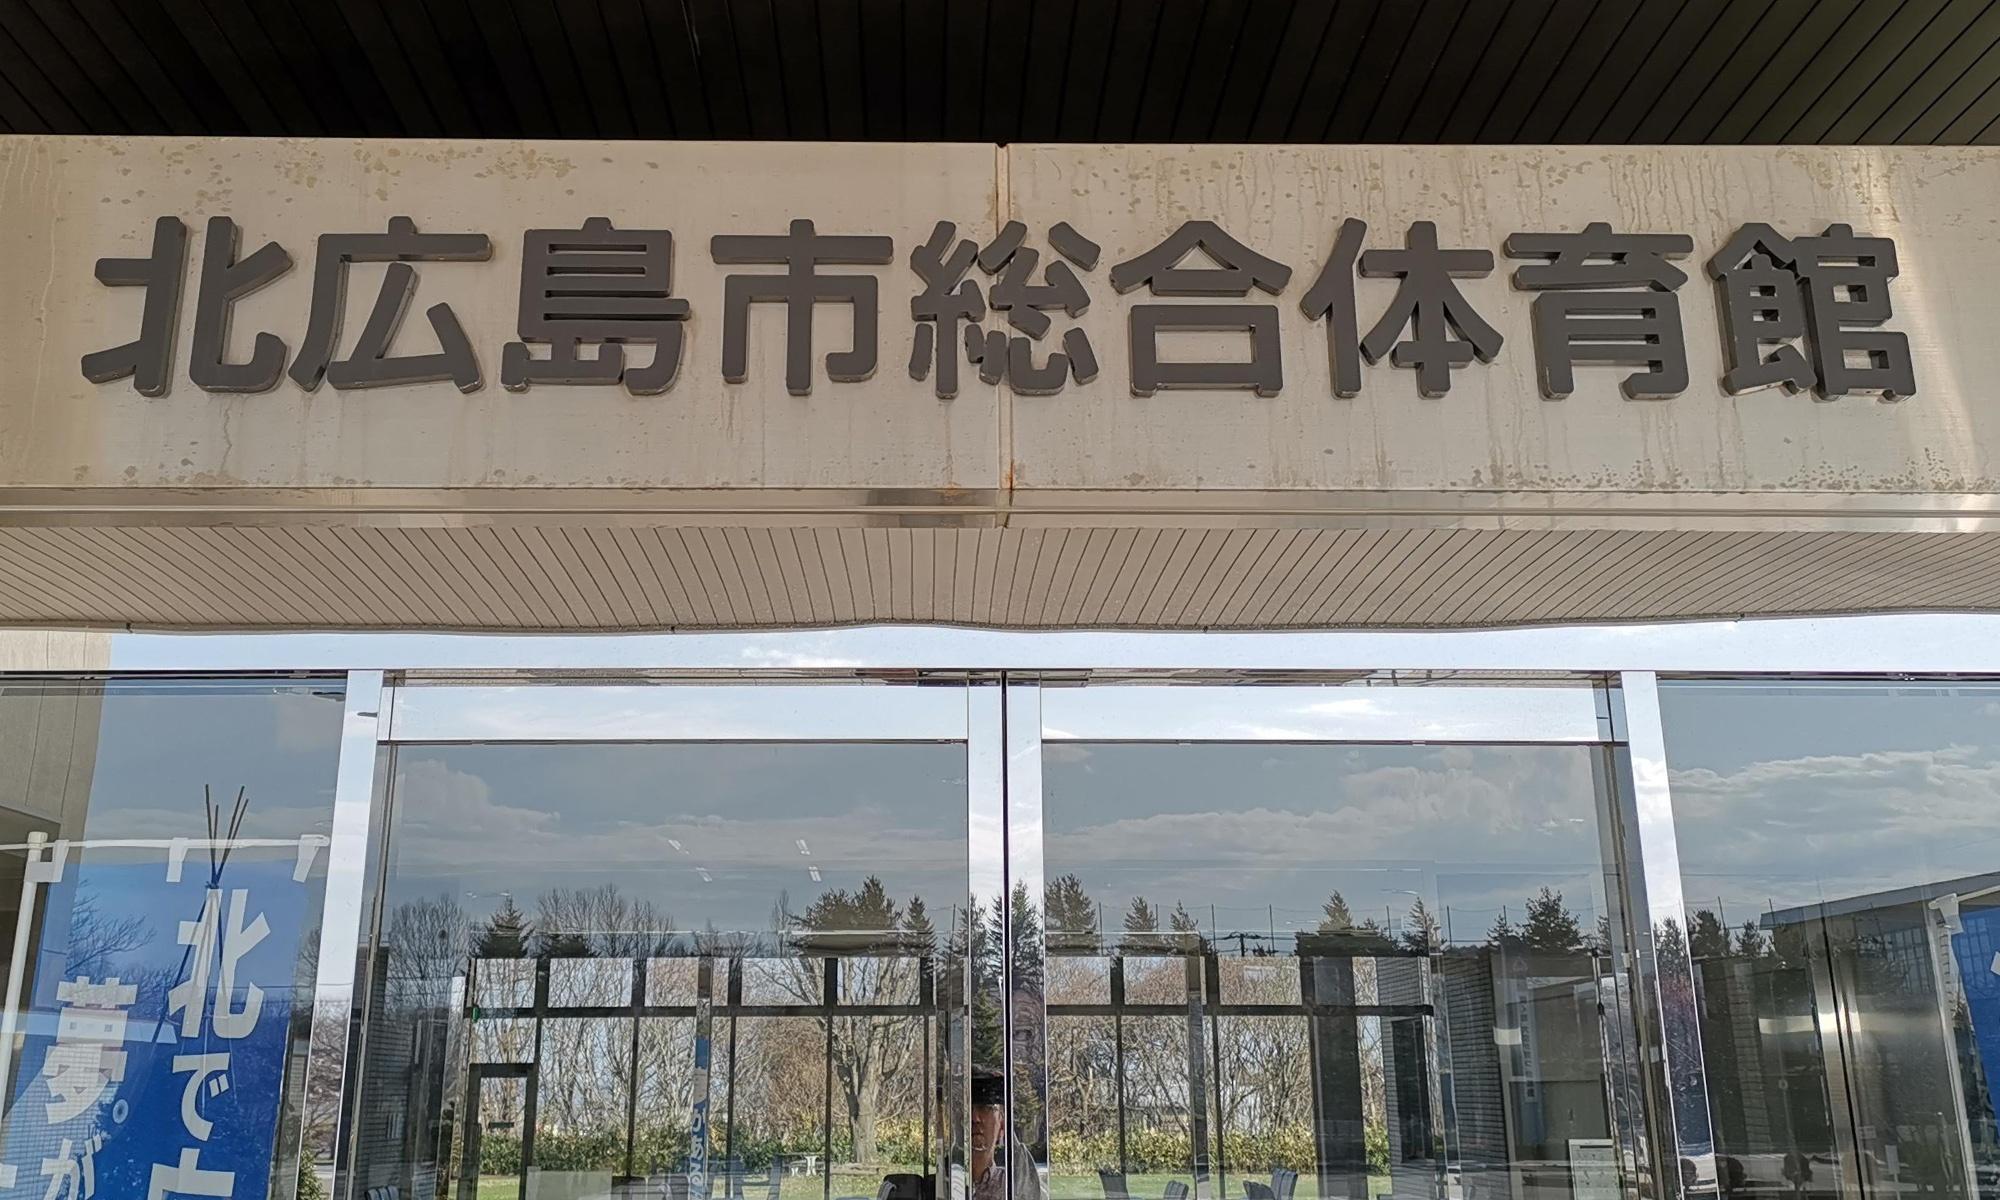 北広島市総合体育館でNHK松岡修造のテニスパーク開催